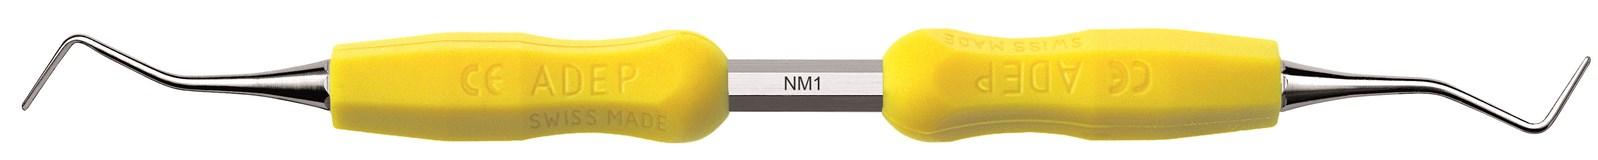 Lžičkové dlátko - NM1, ADEP žlutý